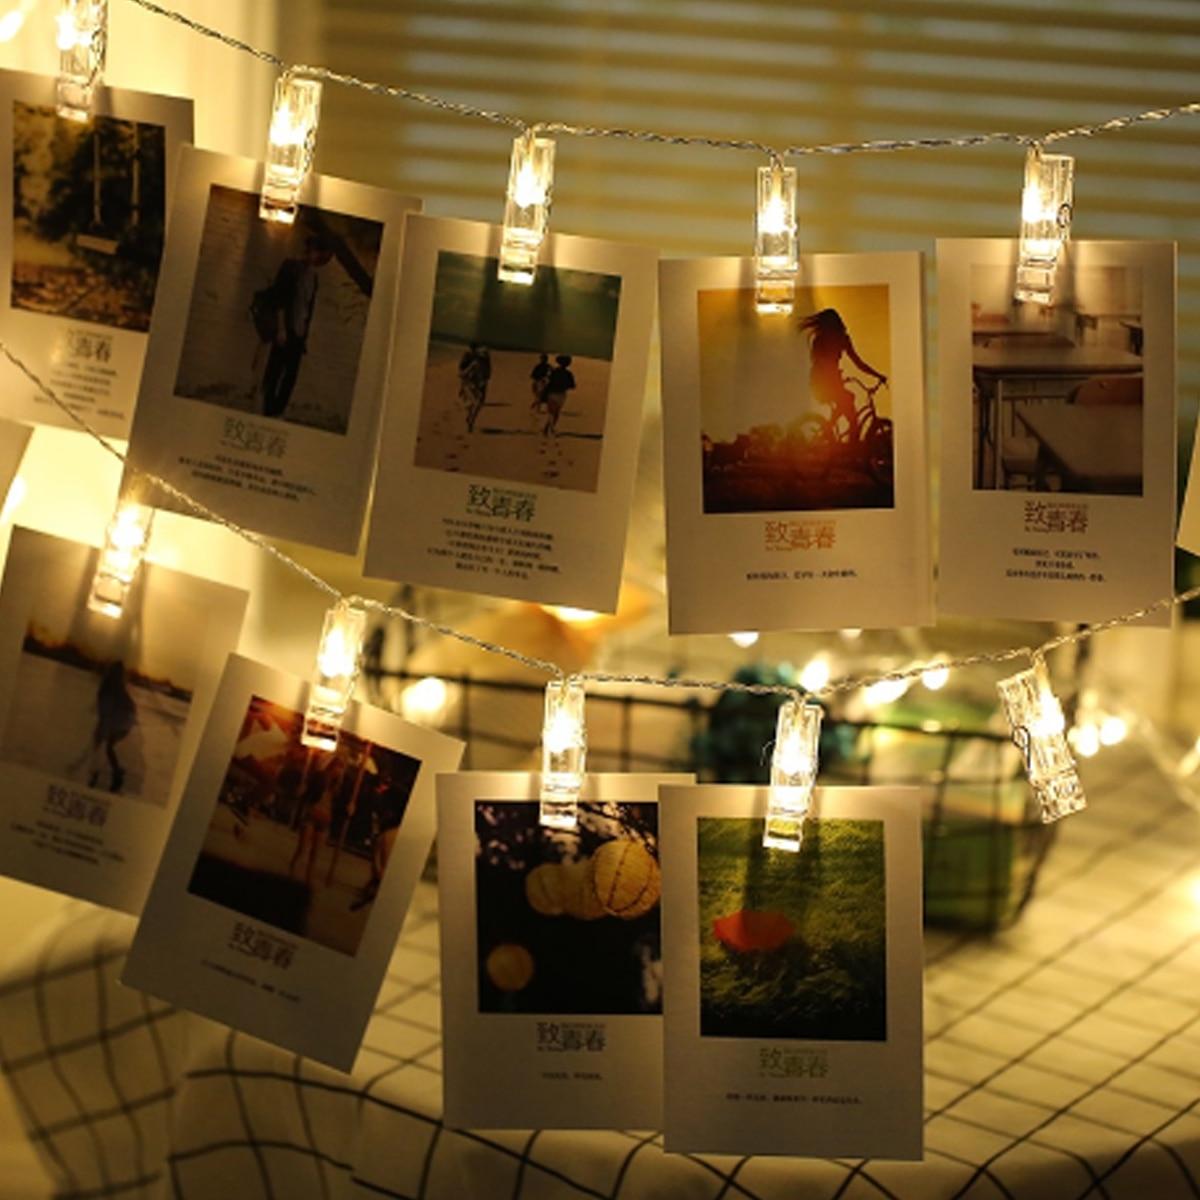 1,5/2/3/5 M Girlande Karte Foto Clip 10/20/50 Led String Fairy Lichter Batterie Betrieben Weihnachten Girlanden Hochzeit Valentines Decor Online Rabatt